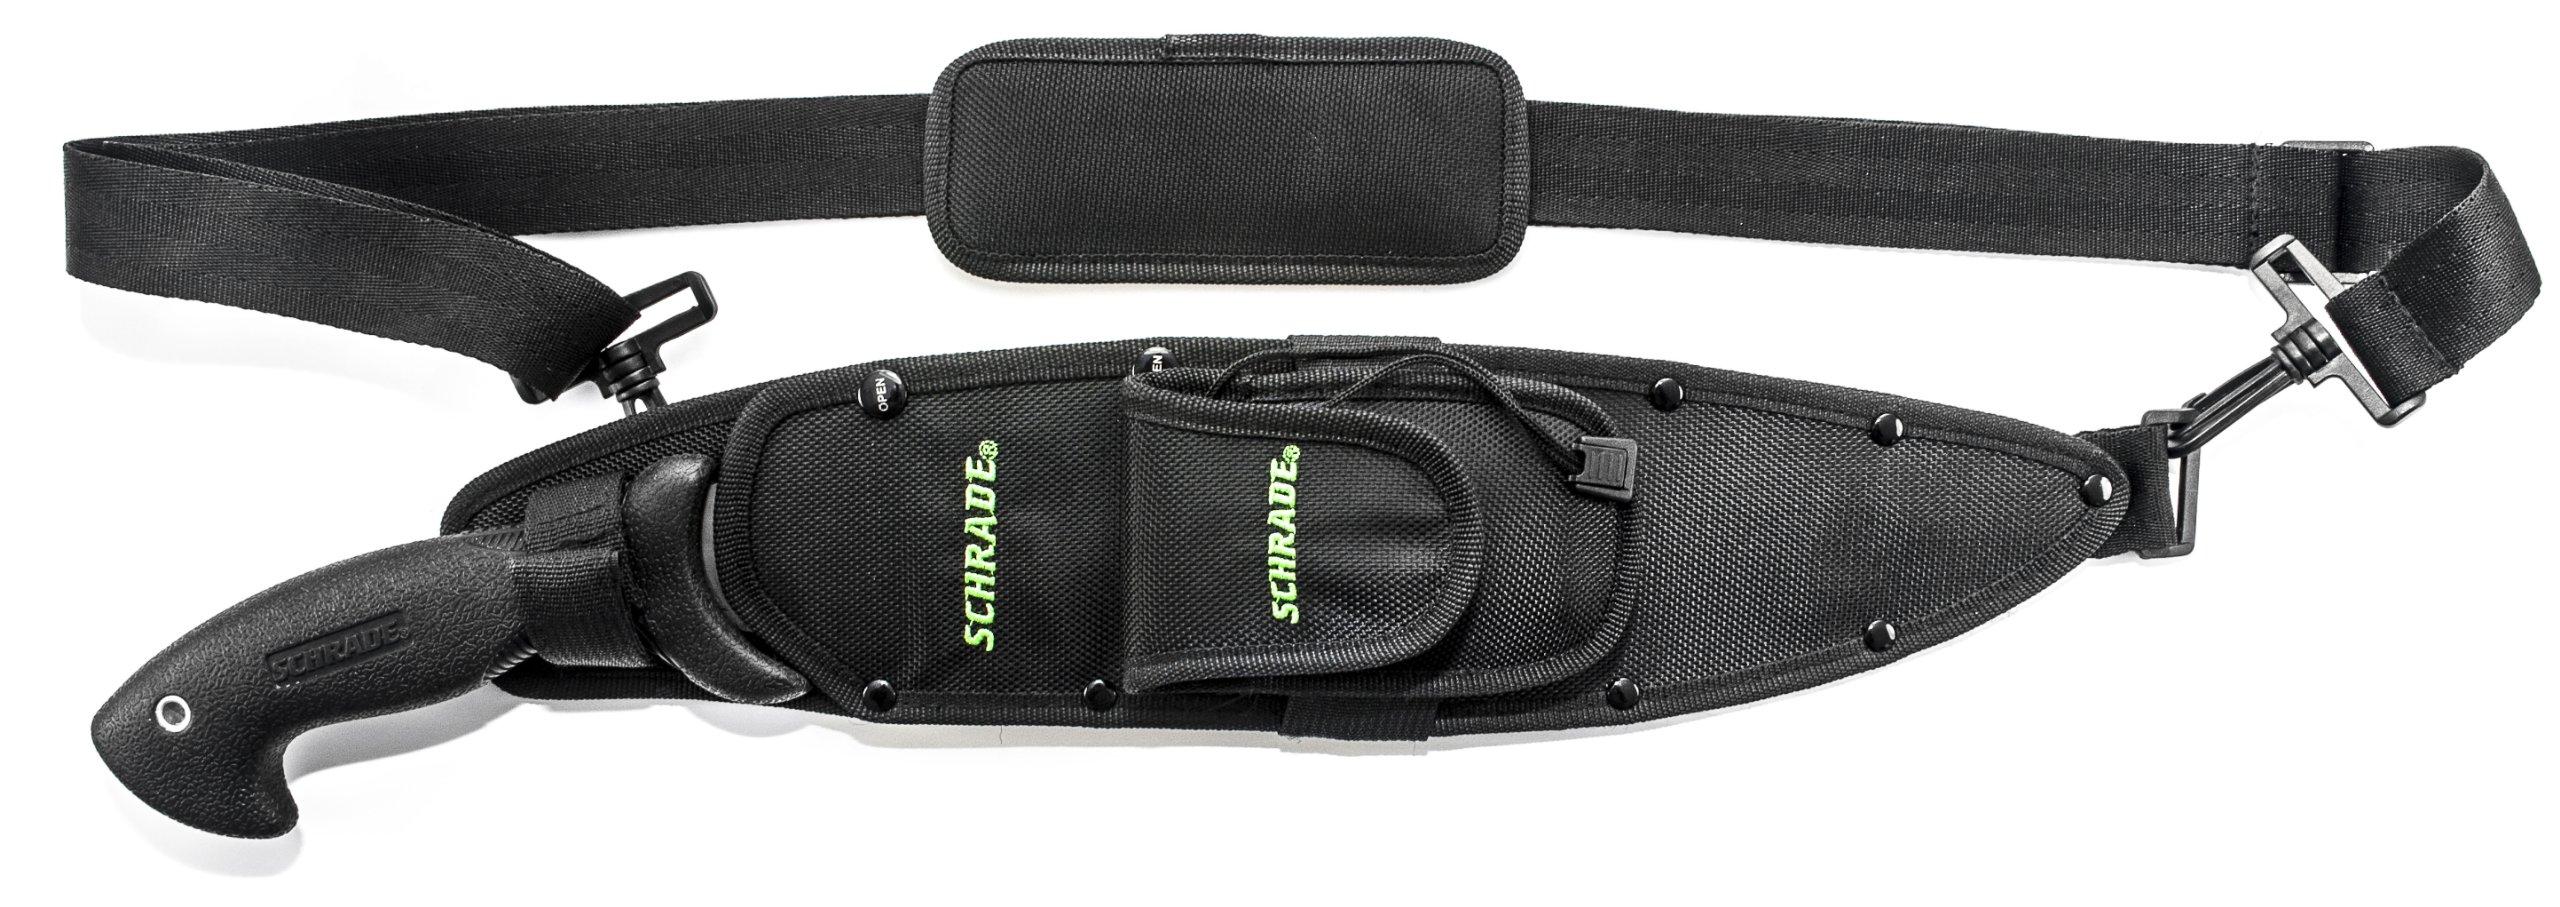 Schrade SCHBOLO Bolo Machete Full Tang Fixed Blade Safe-T-Grip Handle